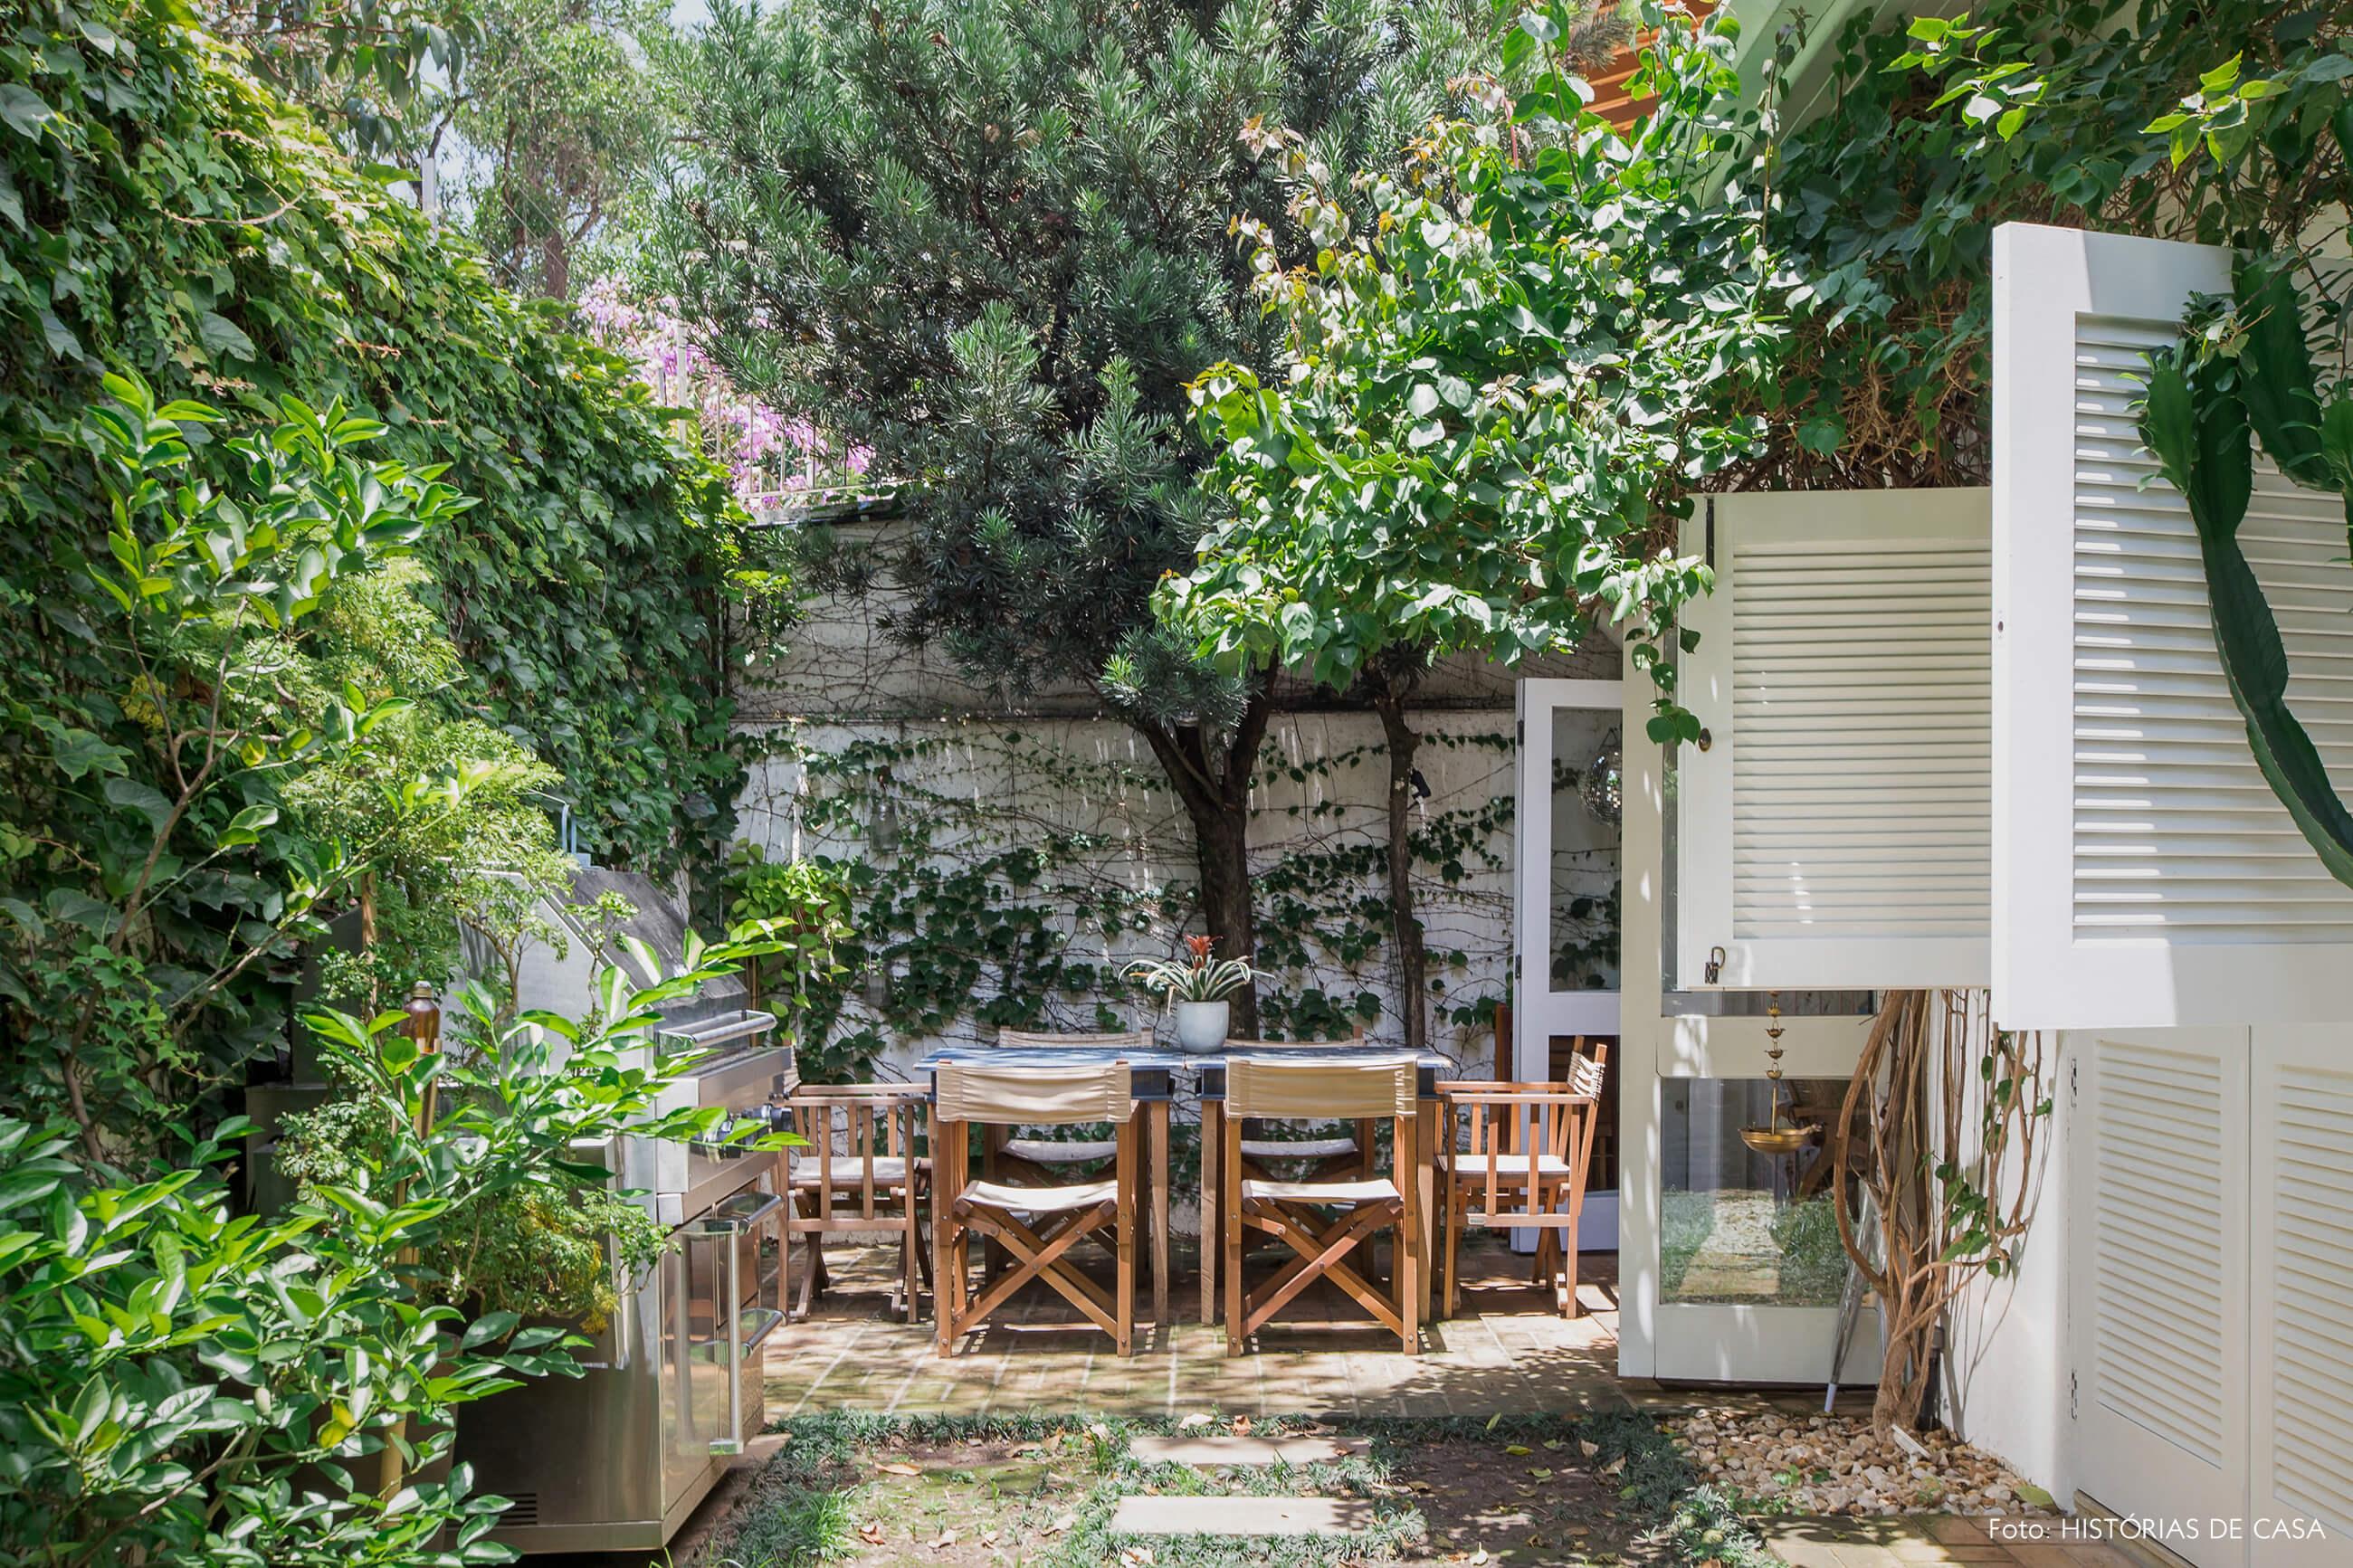 Casa com jardim e árvores no quintal